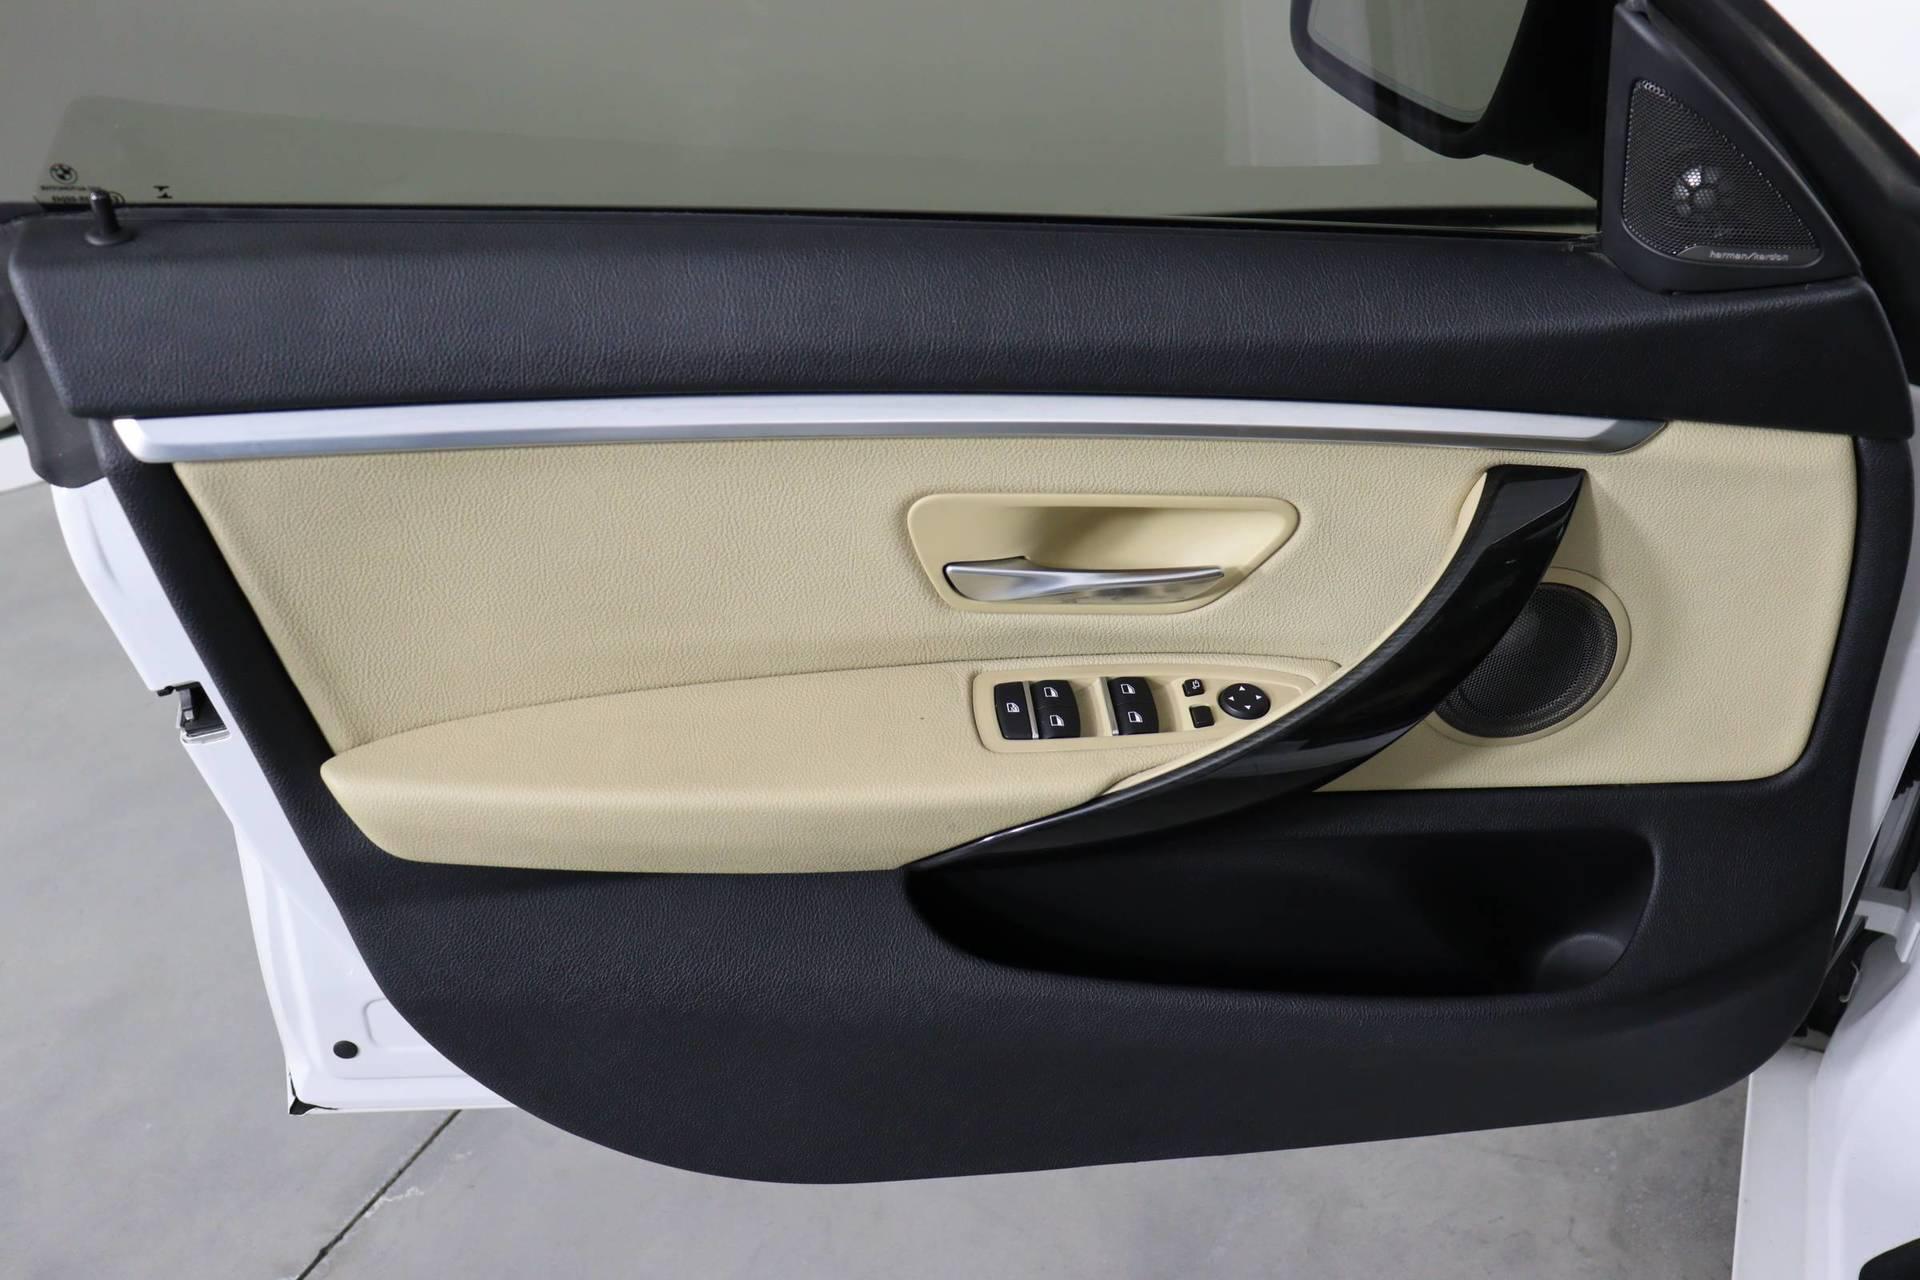 used vehicle - Sedan BMW 4 SERIES 2018